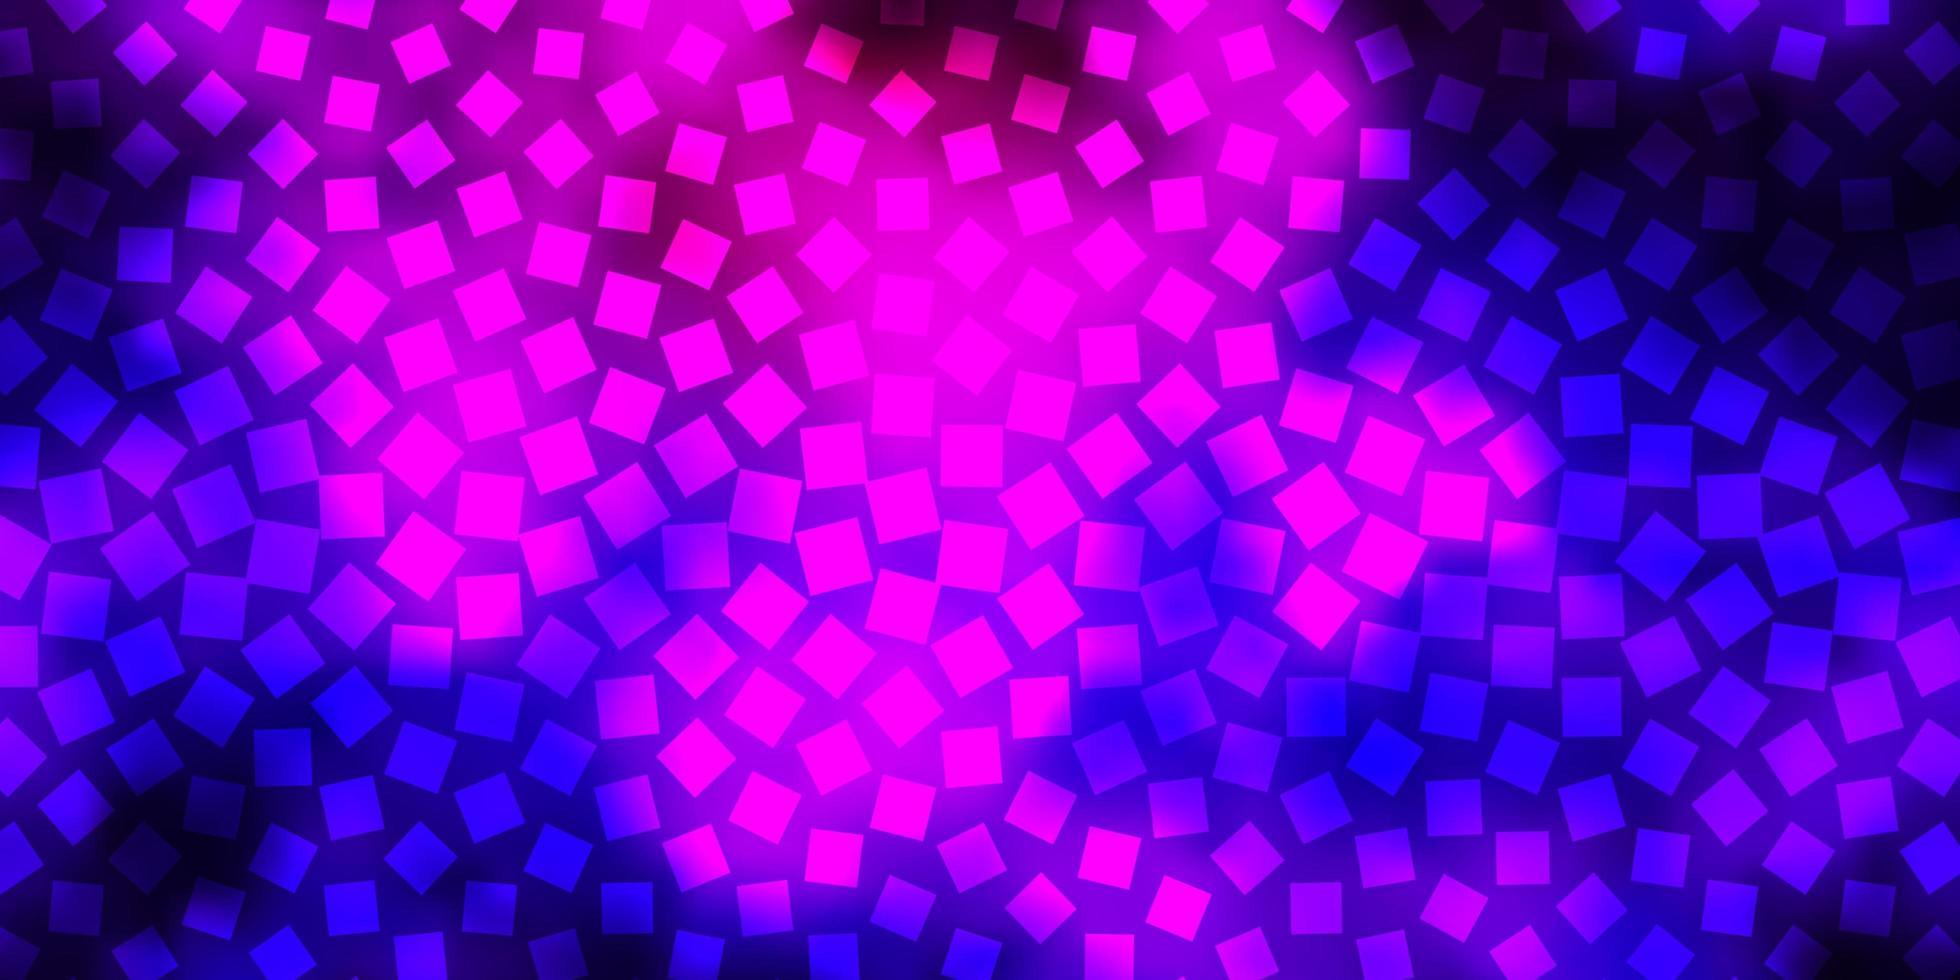 plantilla de vector de color púrpura claro con rectángulos.